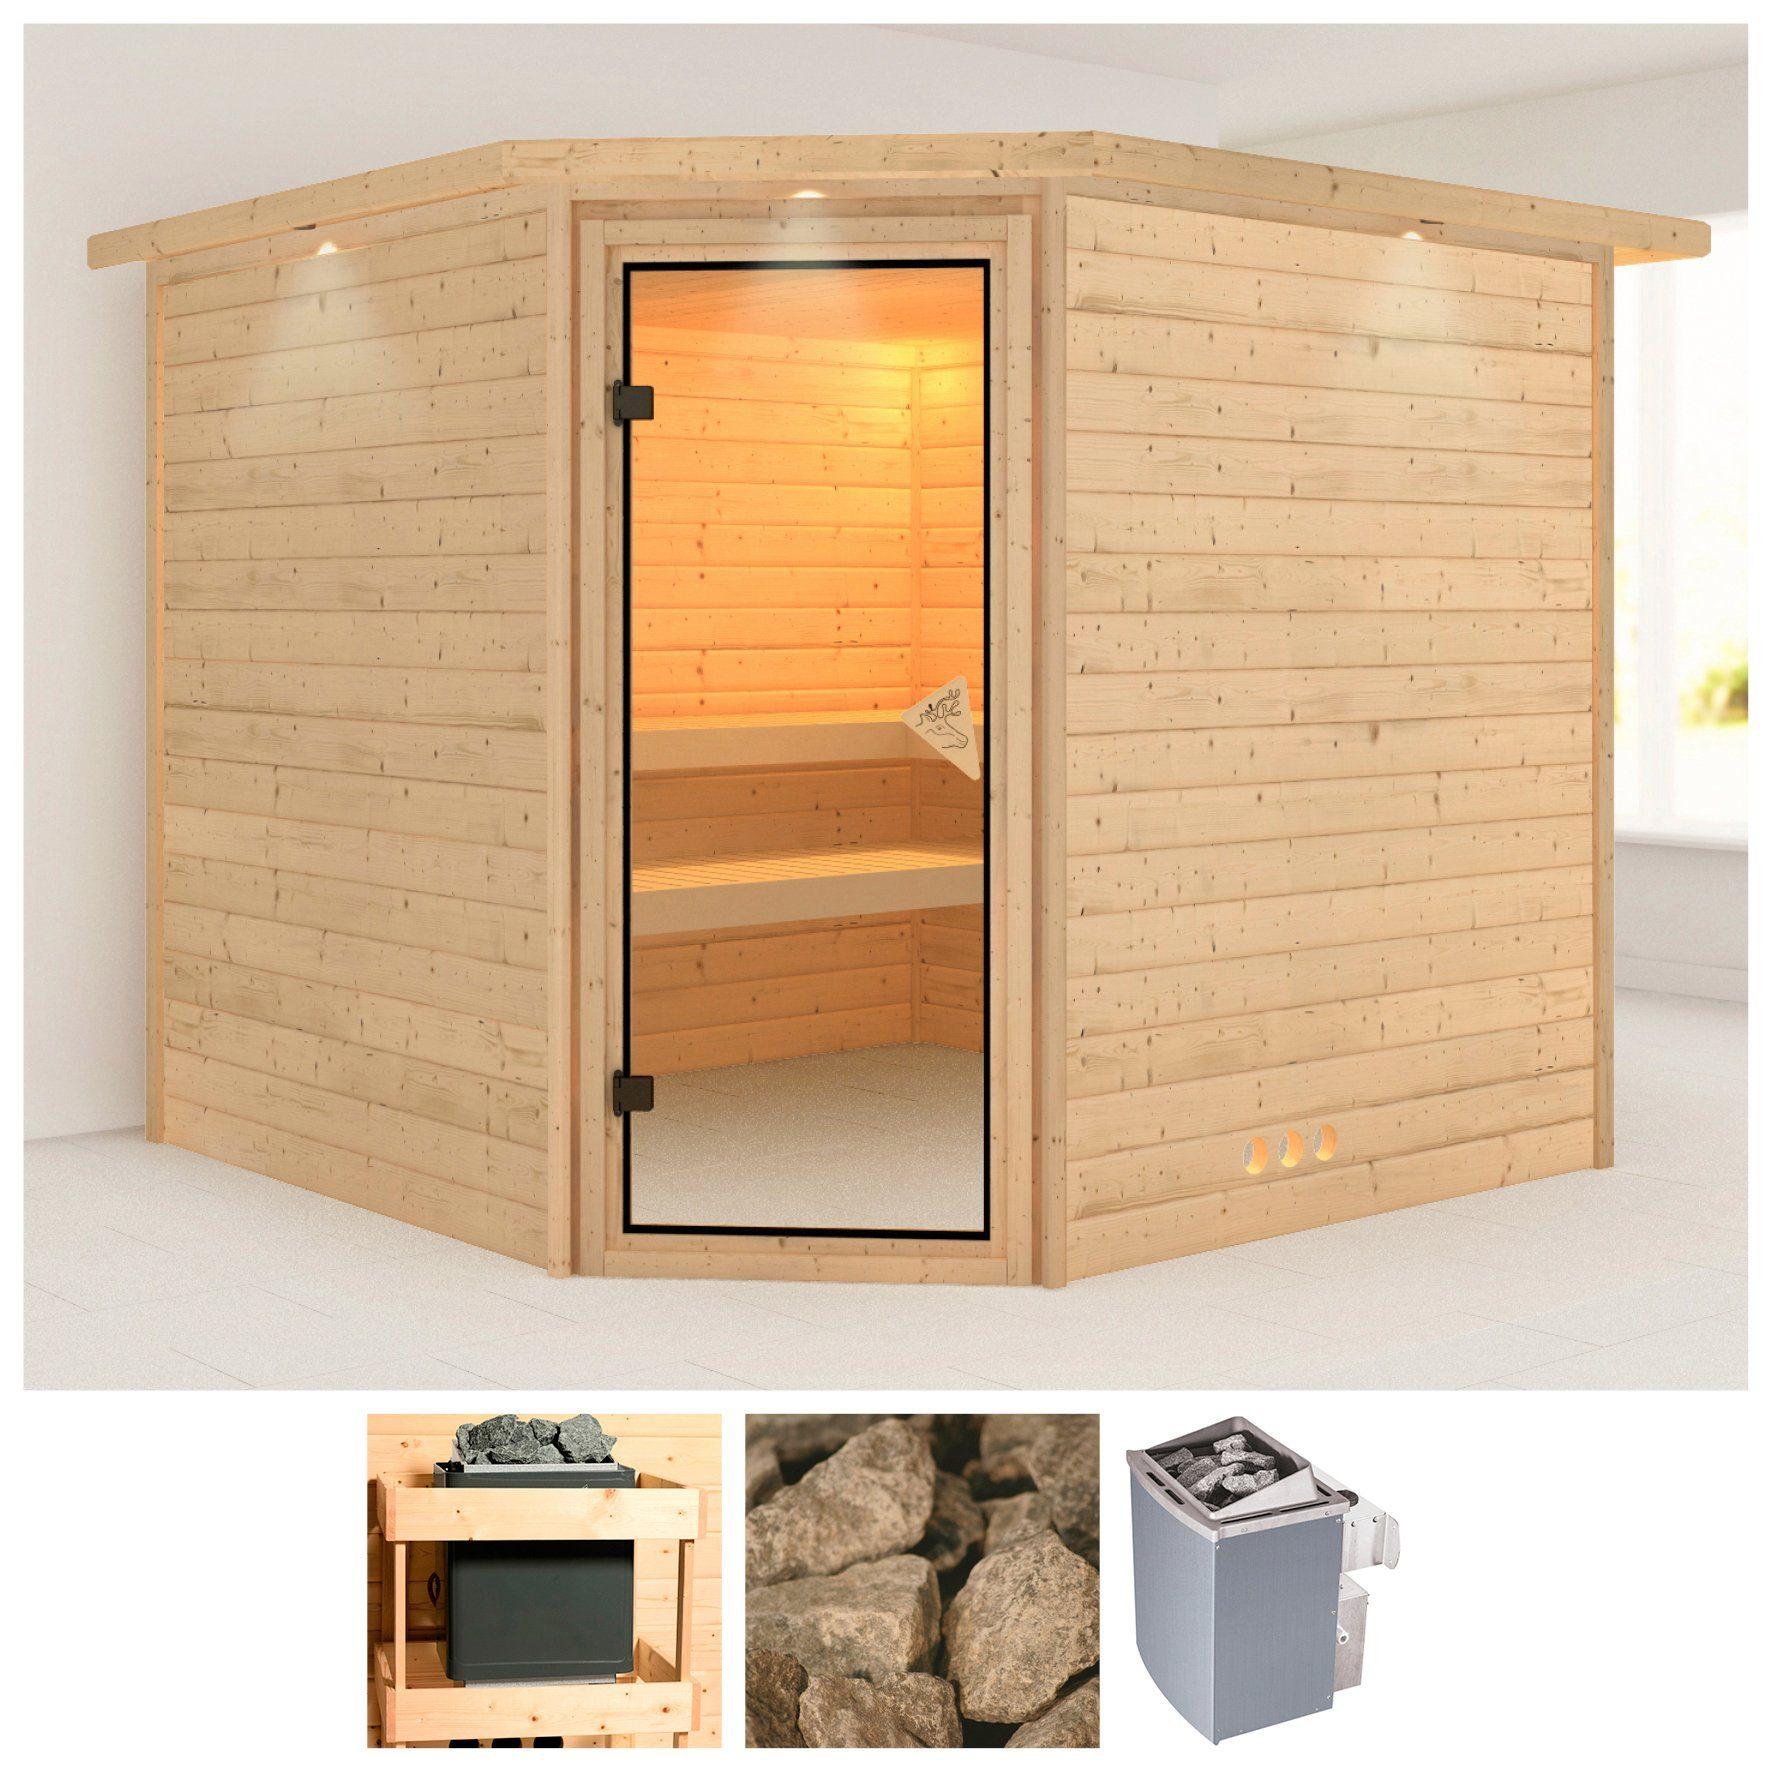 KARIBU Sauna »Lena«, 231/231/200 cm, 38 mm, 9-kW-Ofen mit int. Steuerung